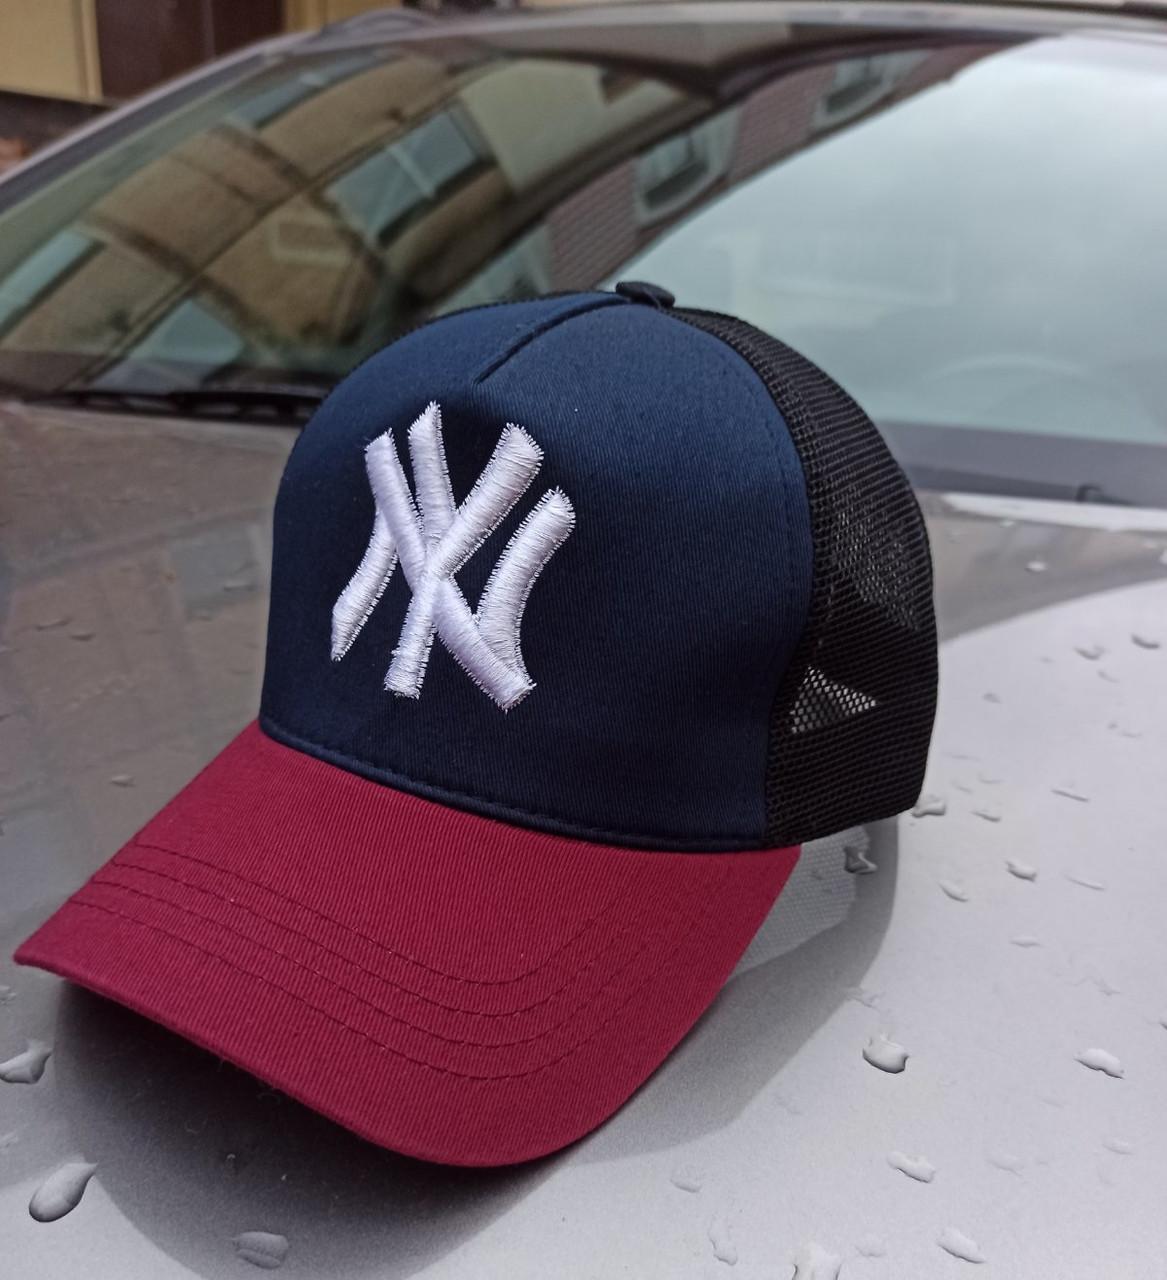 Бейсболка кепка модная летняя прогулочная мужская с сеткой спортивная в разных цветах